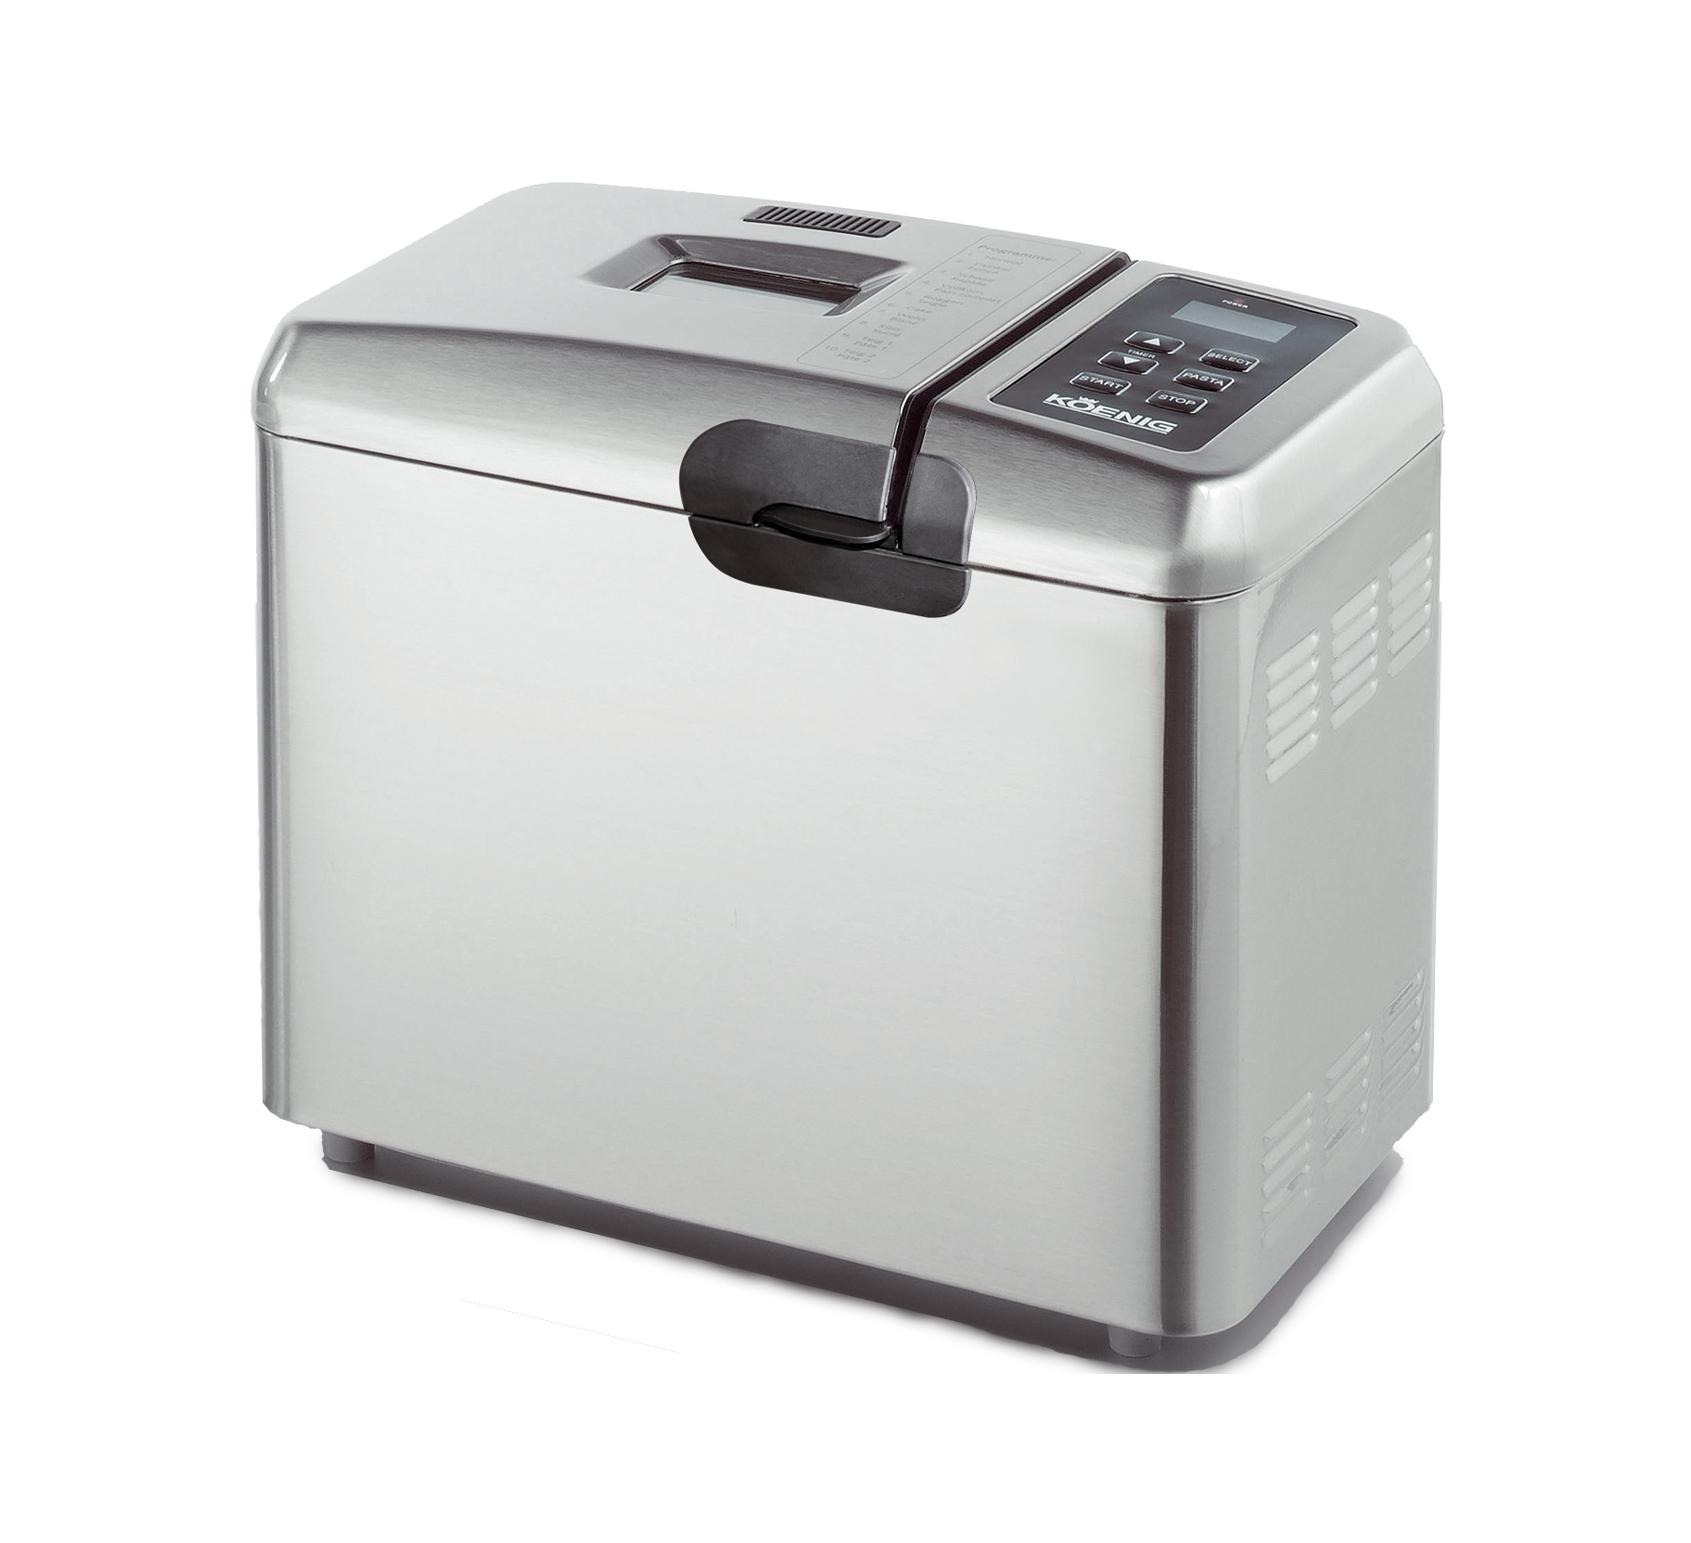 Ventilateur sur pied boulanger great hisense rsnis rfrigrateur amricain pas cher prix black - Machine a pain boulanger ...